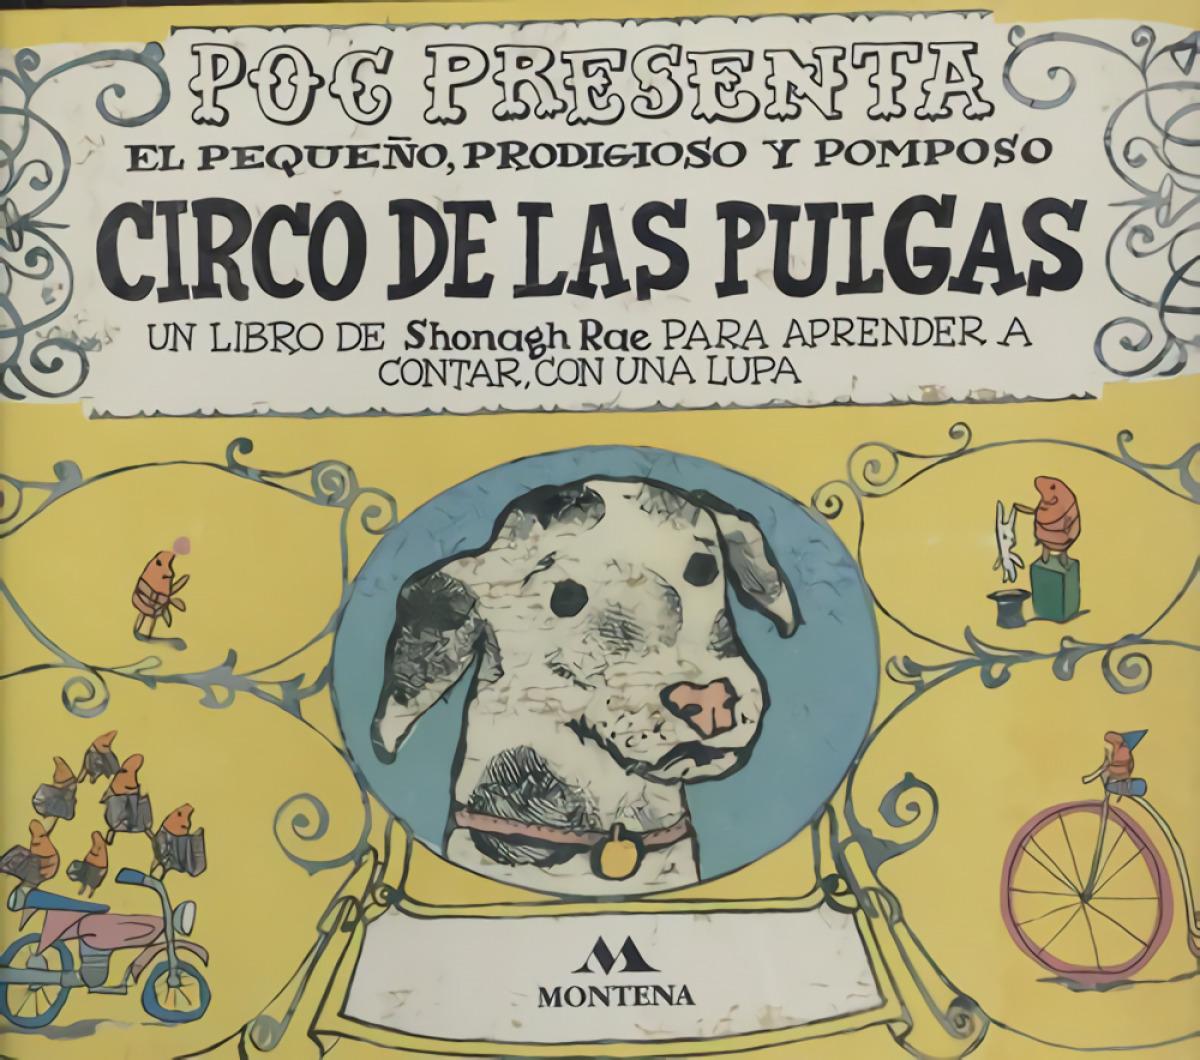 CIRCO DE LAS PULGAS